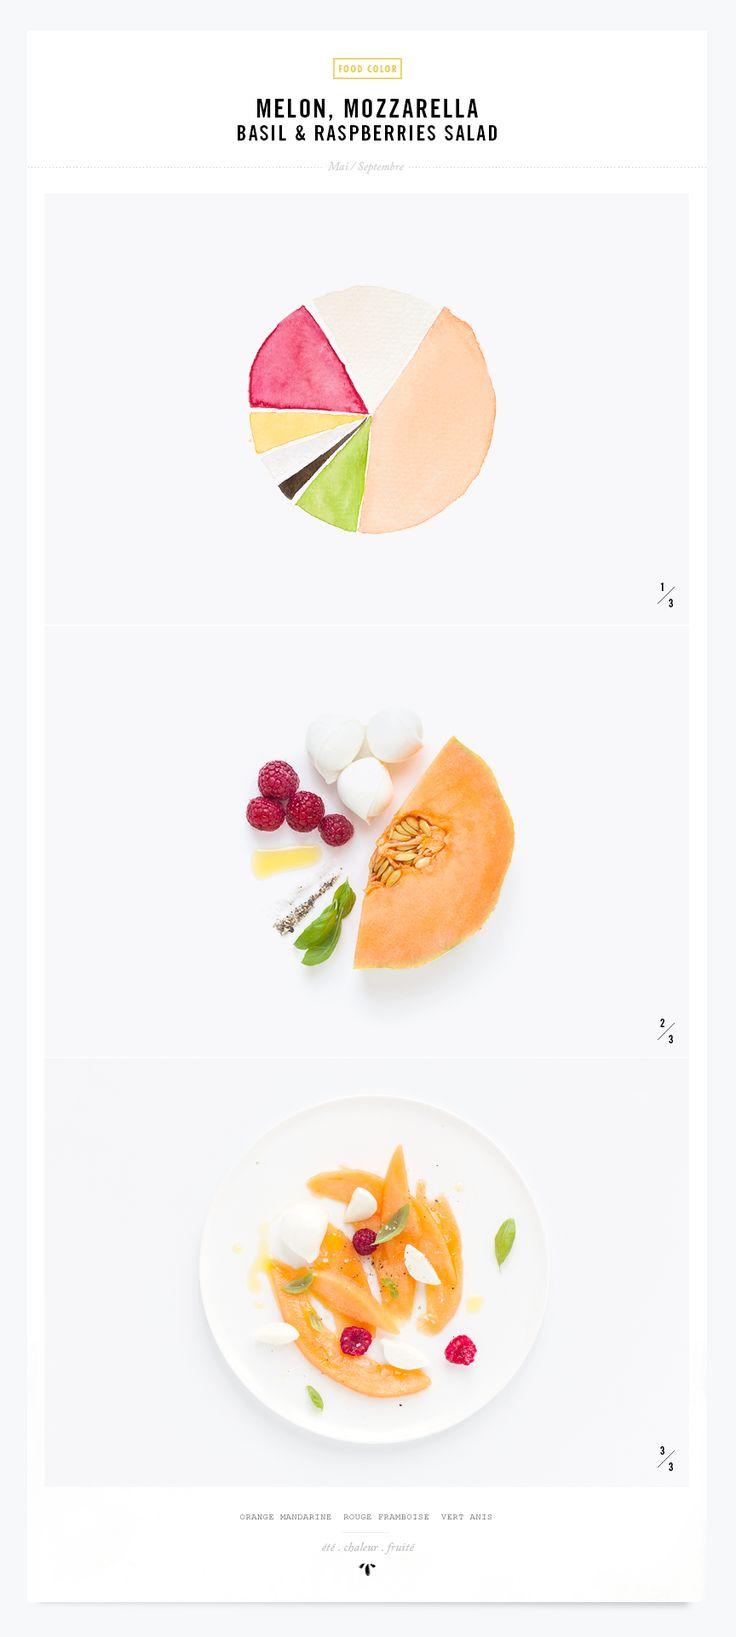 Melon, Raspberries and Mozzarella Salad #Expo2015 #Milan #WorldsFair